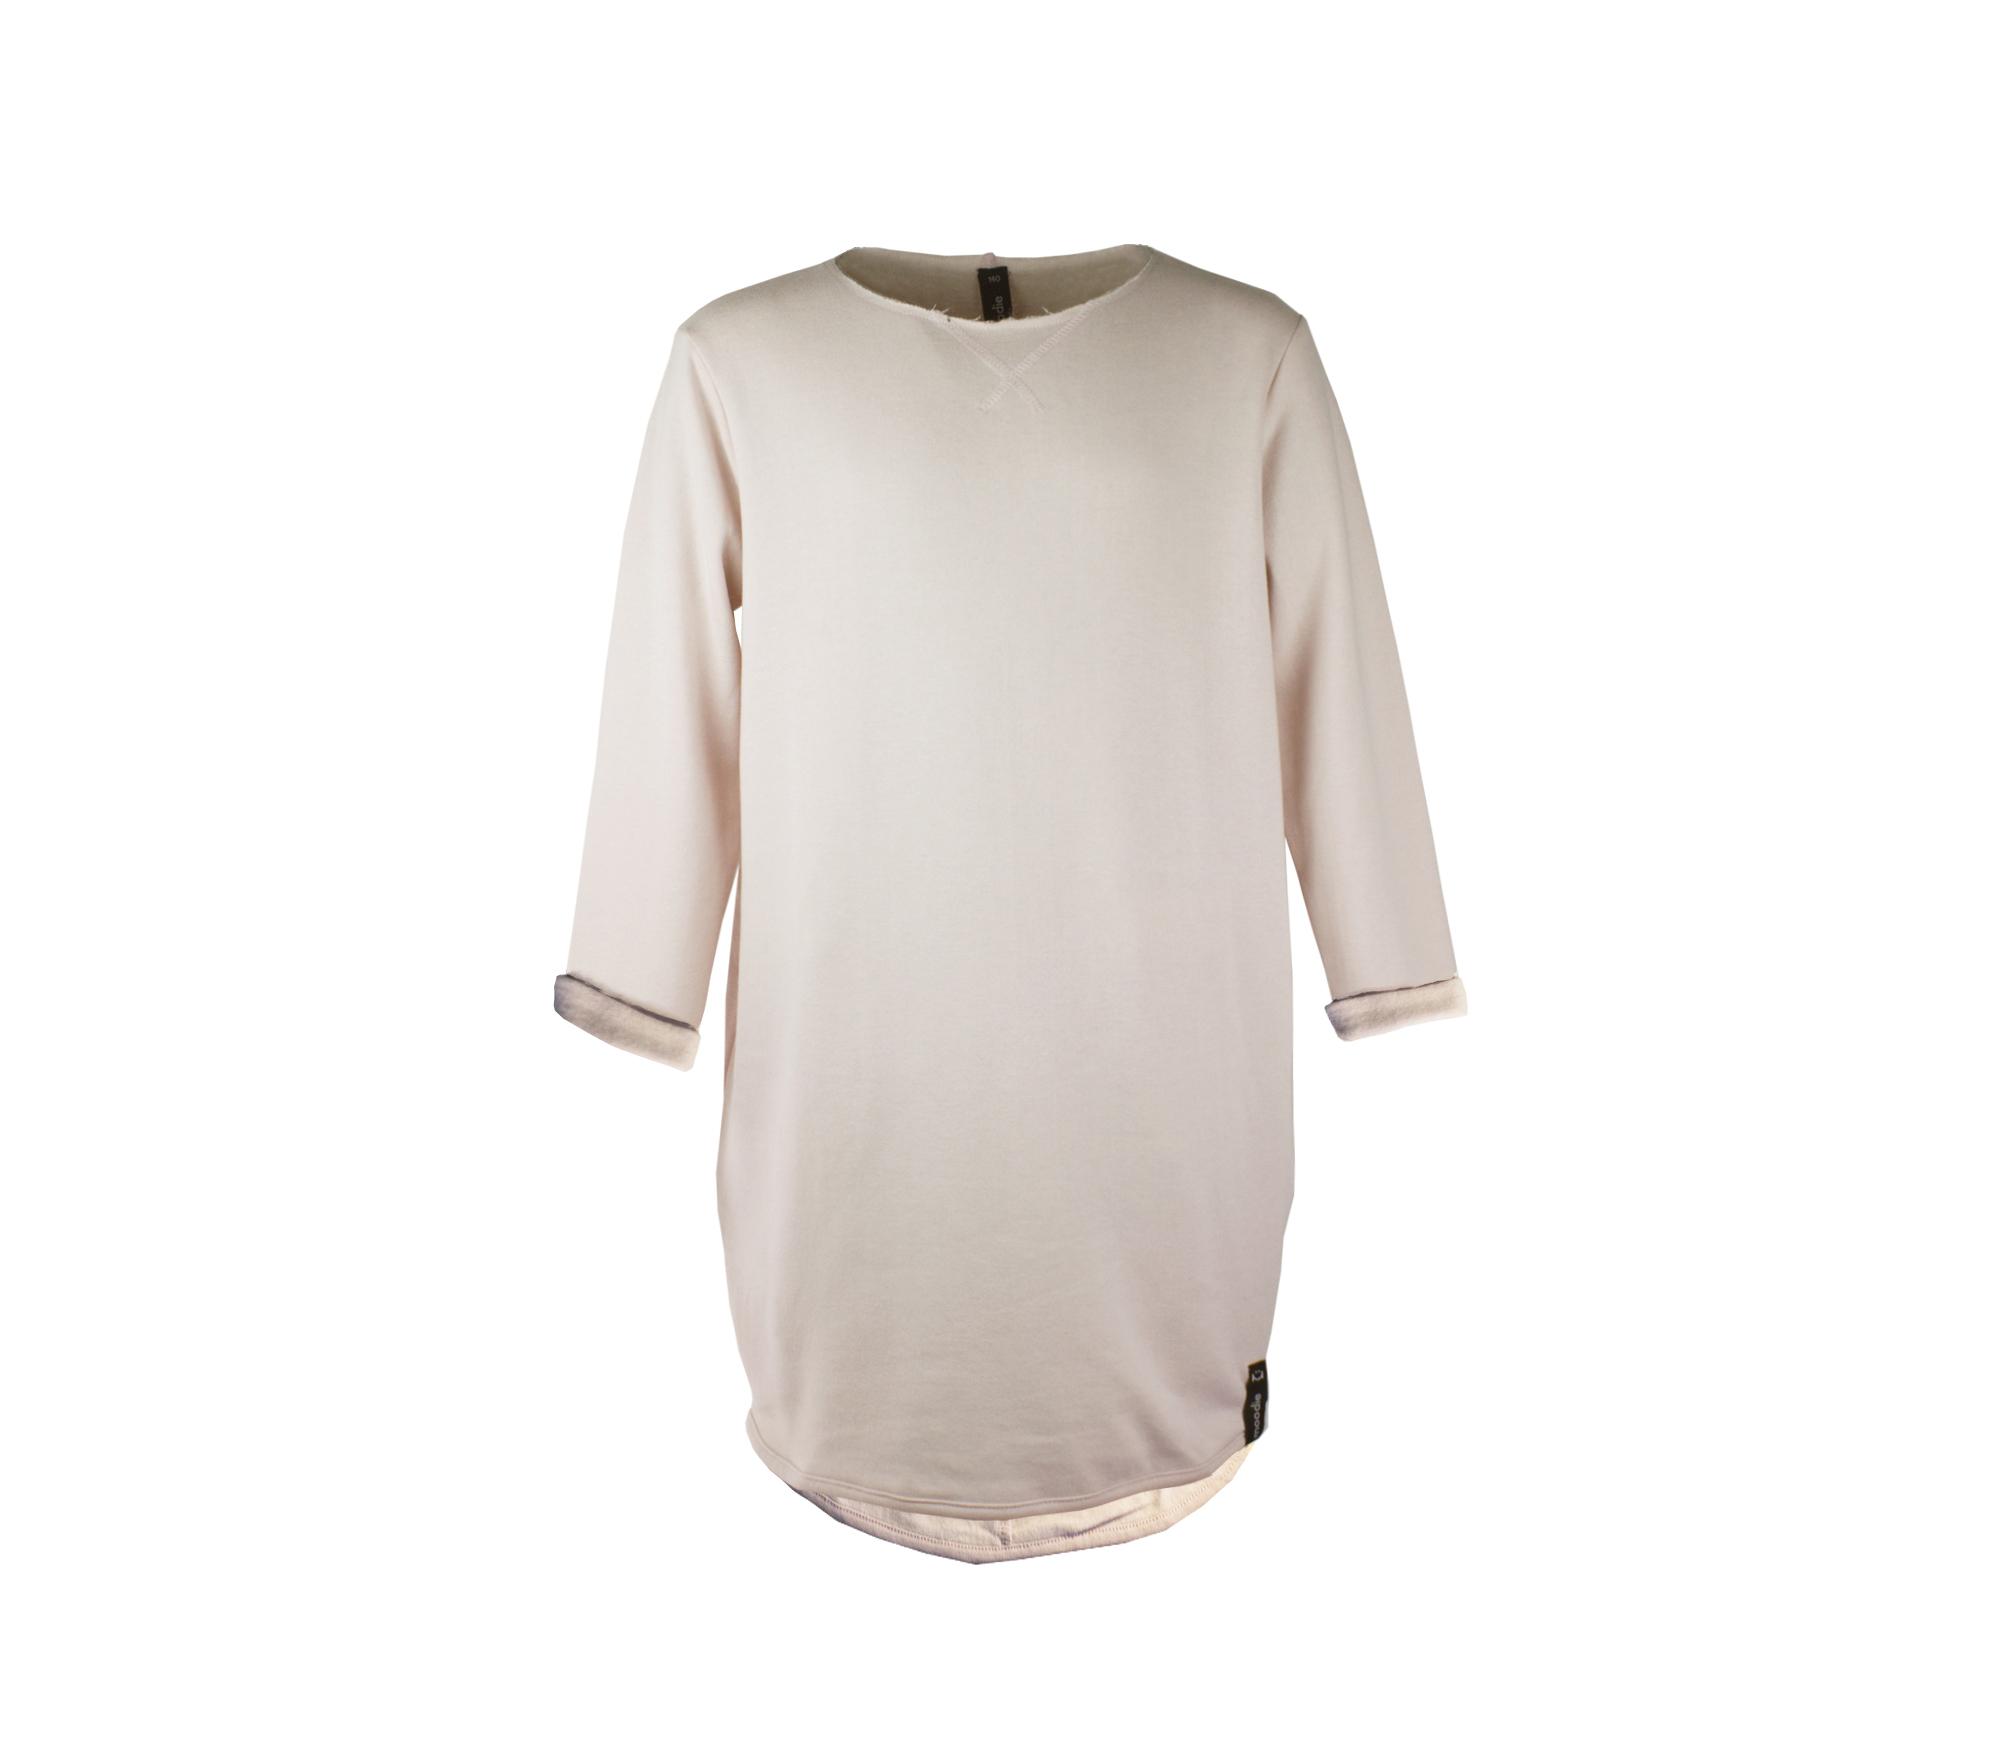 Rosa mjuk barnklänning svettiskvalité – Maison